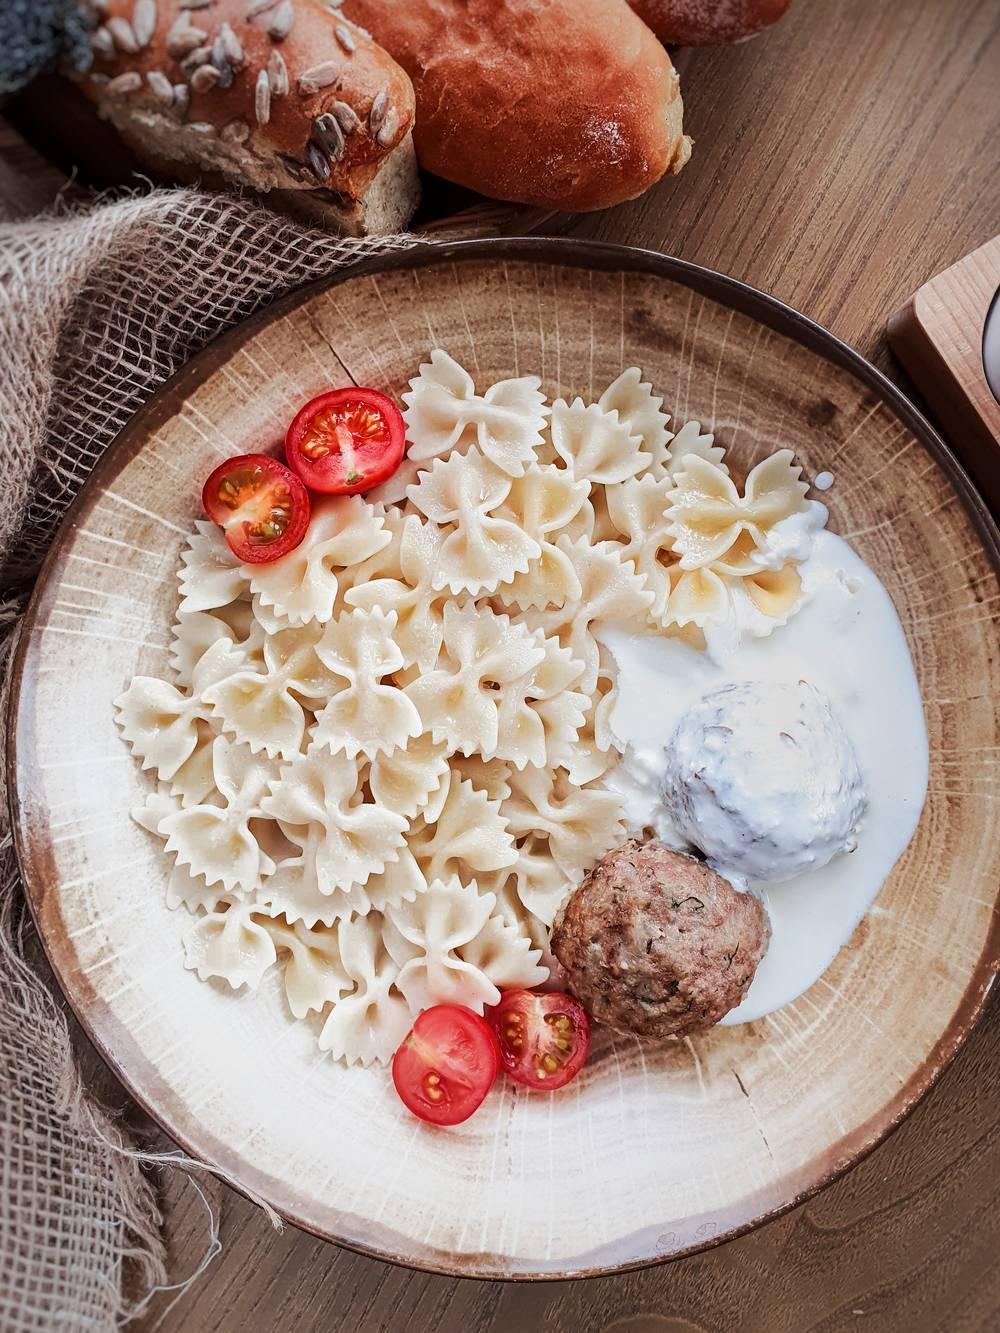 Тефтели мясные с макаронами доставка еды Волгоград кафе Marusya Маруся Дома